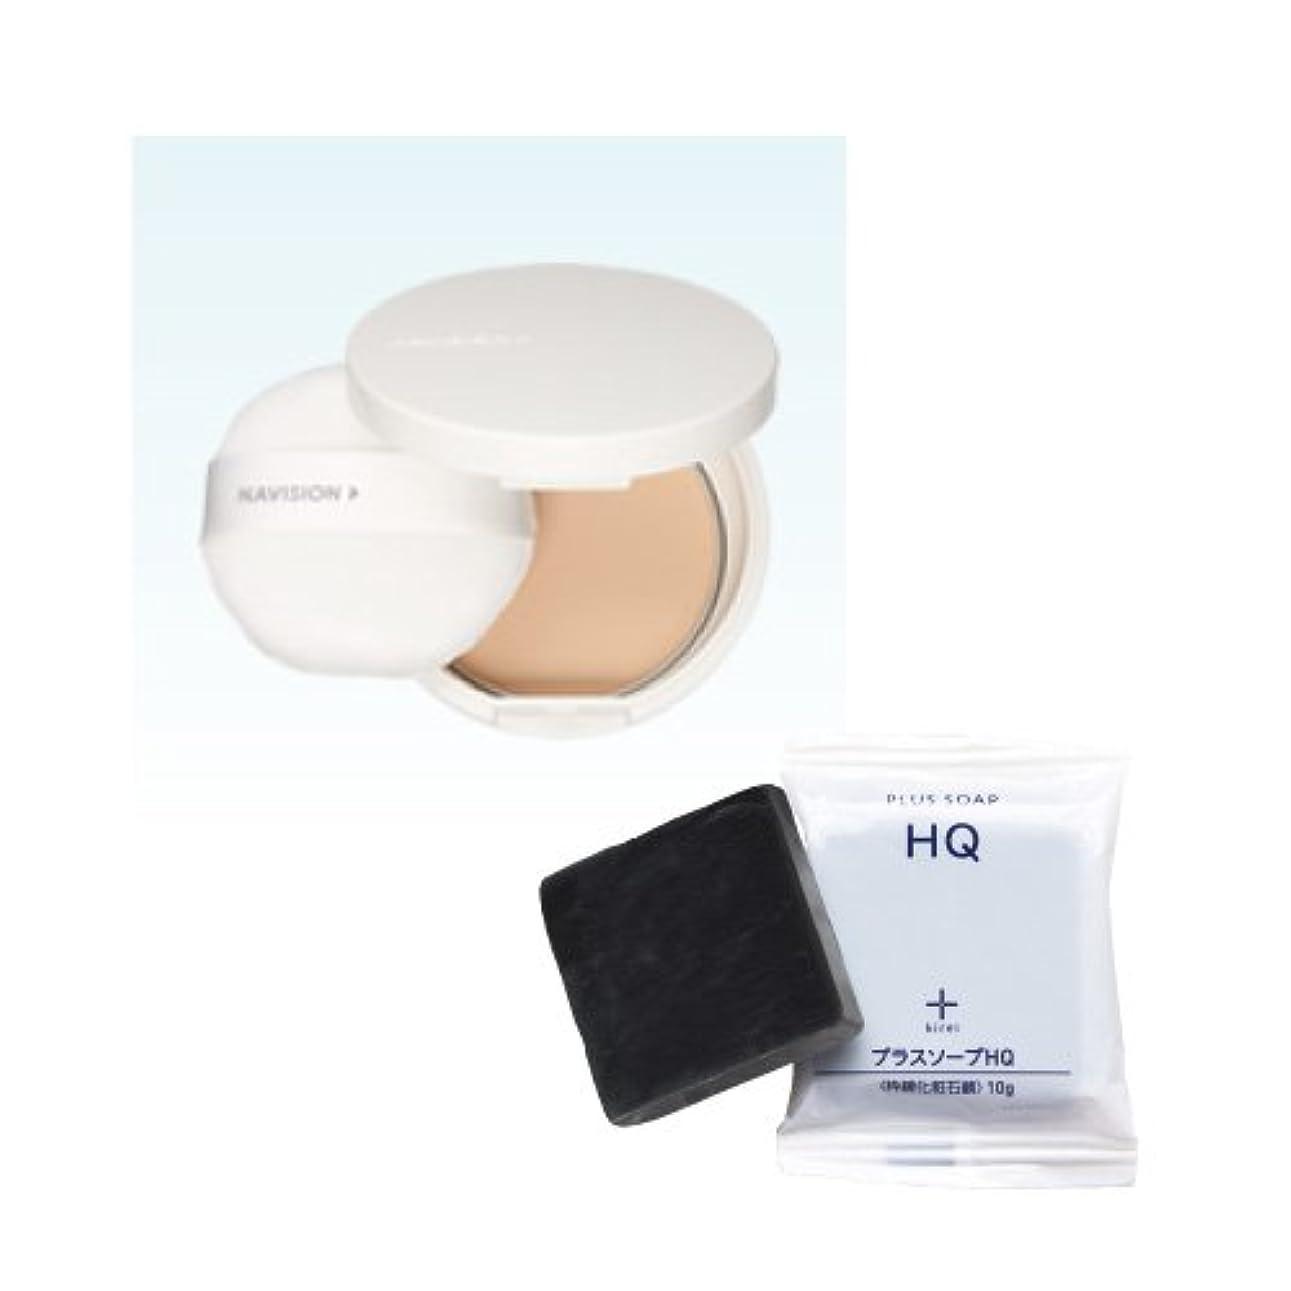 残高人気のできないナビジョン NAVISION スキンケアベール<自然な肌色> + プラスキレイ プラスソープHQミニ